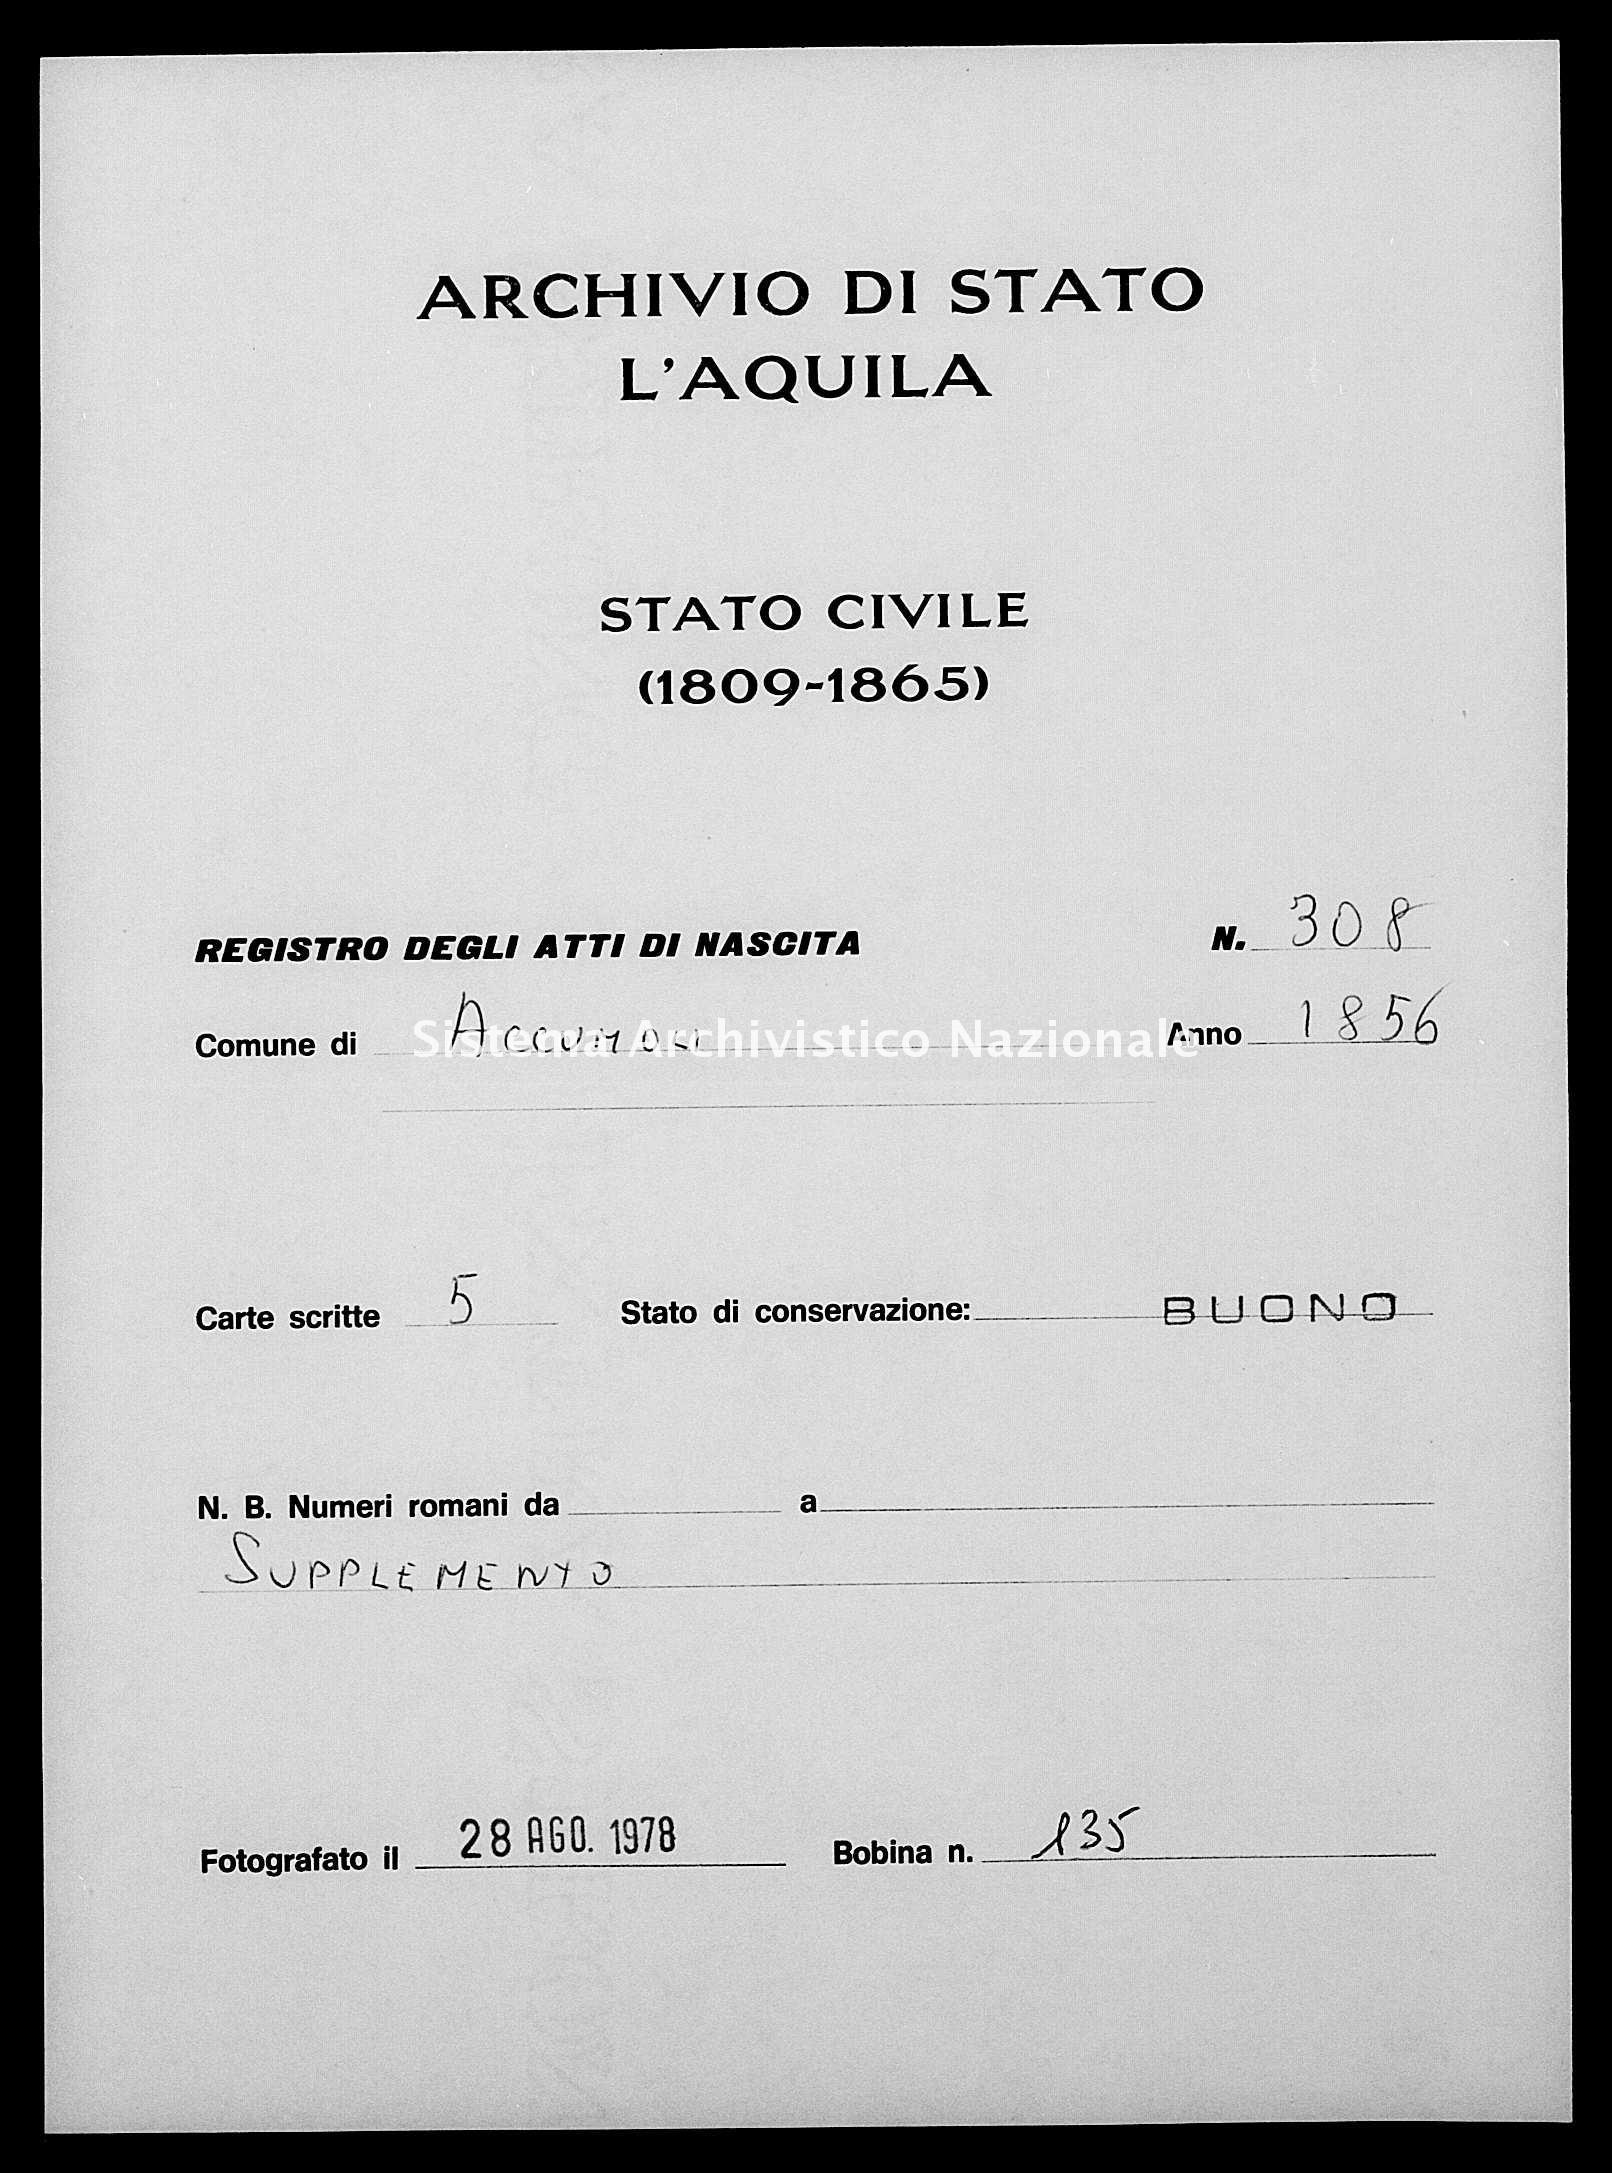 Archivio di stato di L'aquila - Stato civile della restaurazione - Accumoli - Nati, battesimi esposti - 1856 - 308 -